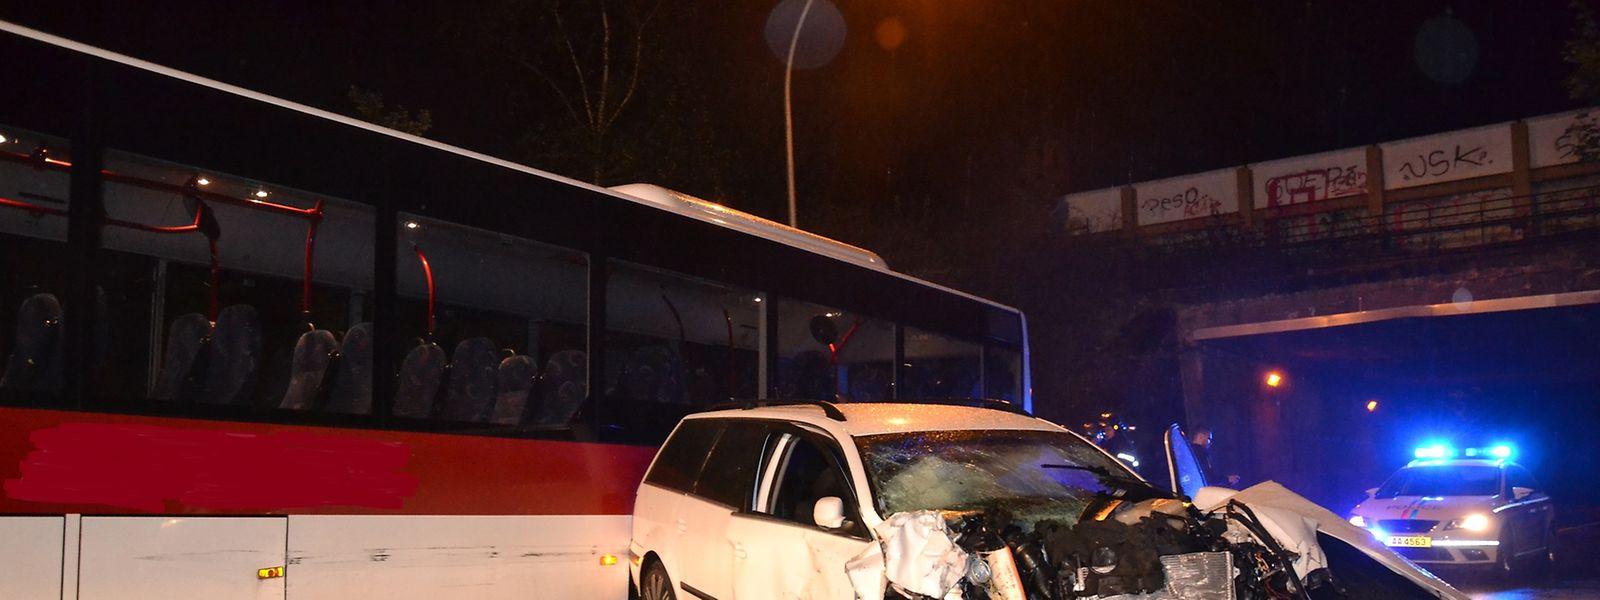 Bei einer Frontalkollision wurde der Fahrer des Autos leicht verletzt.